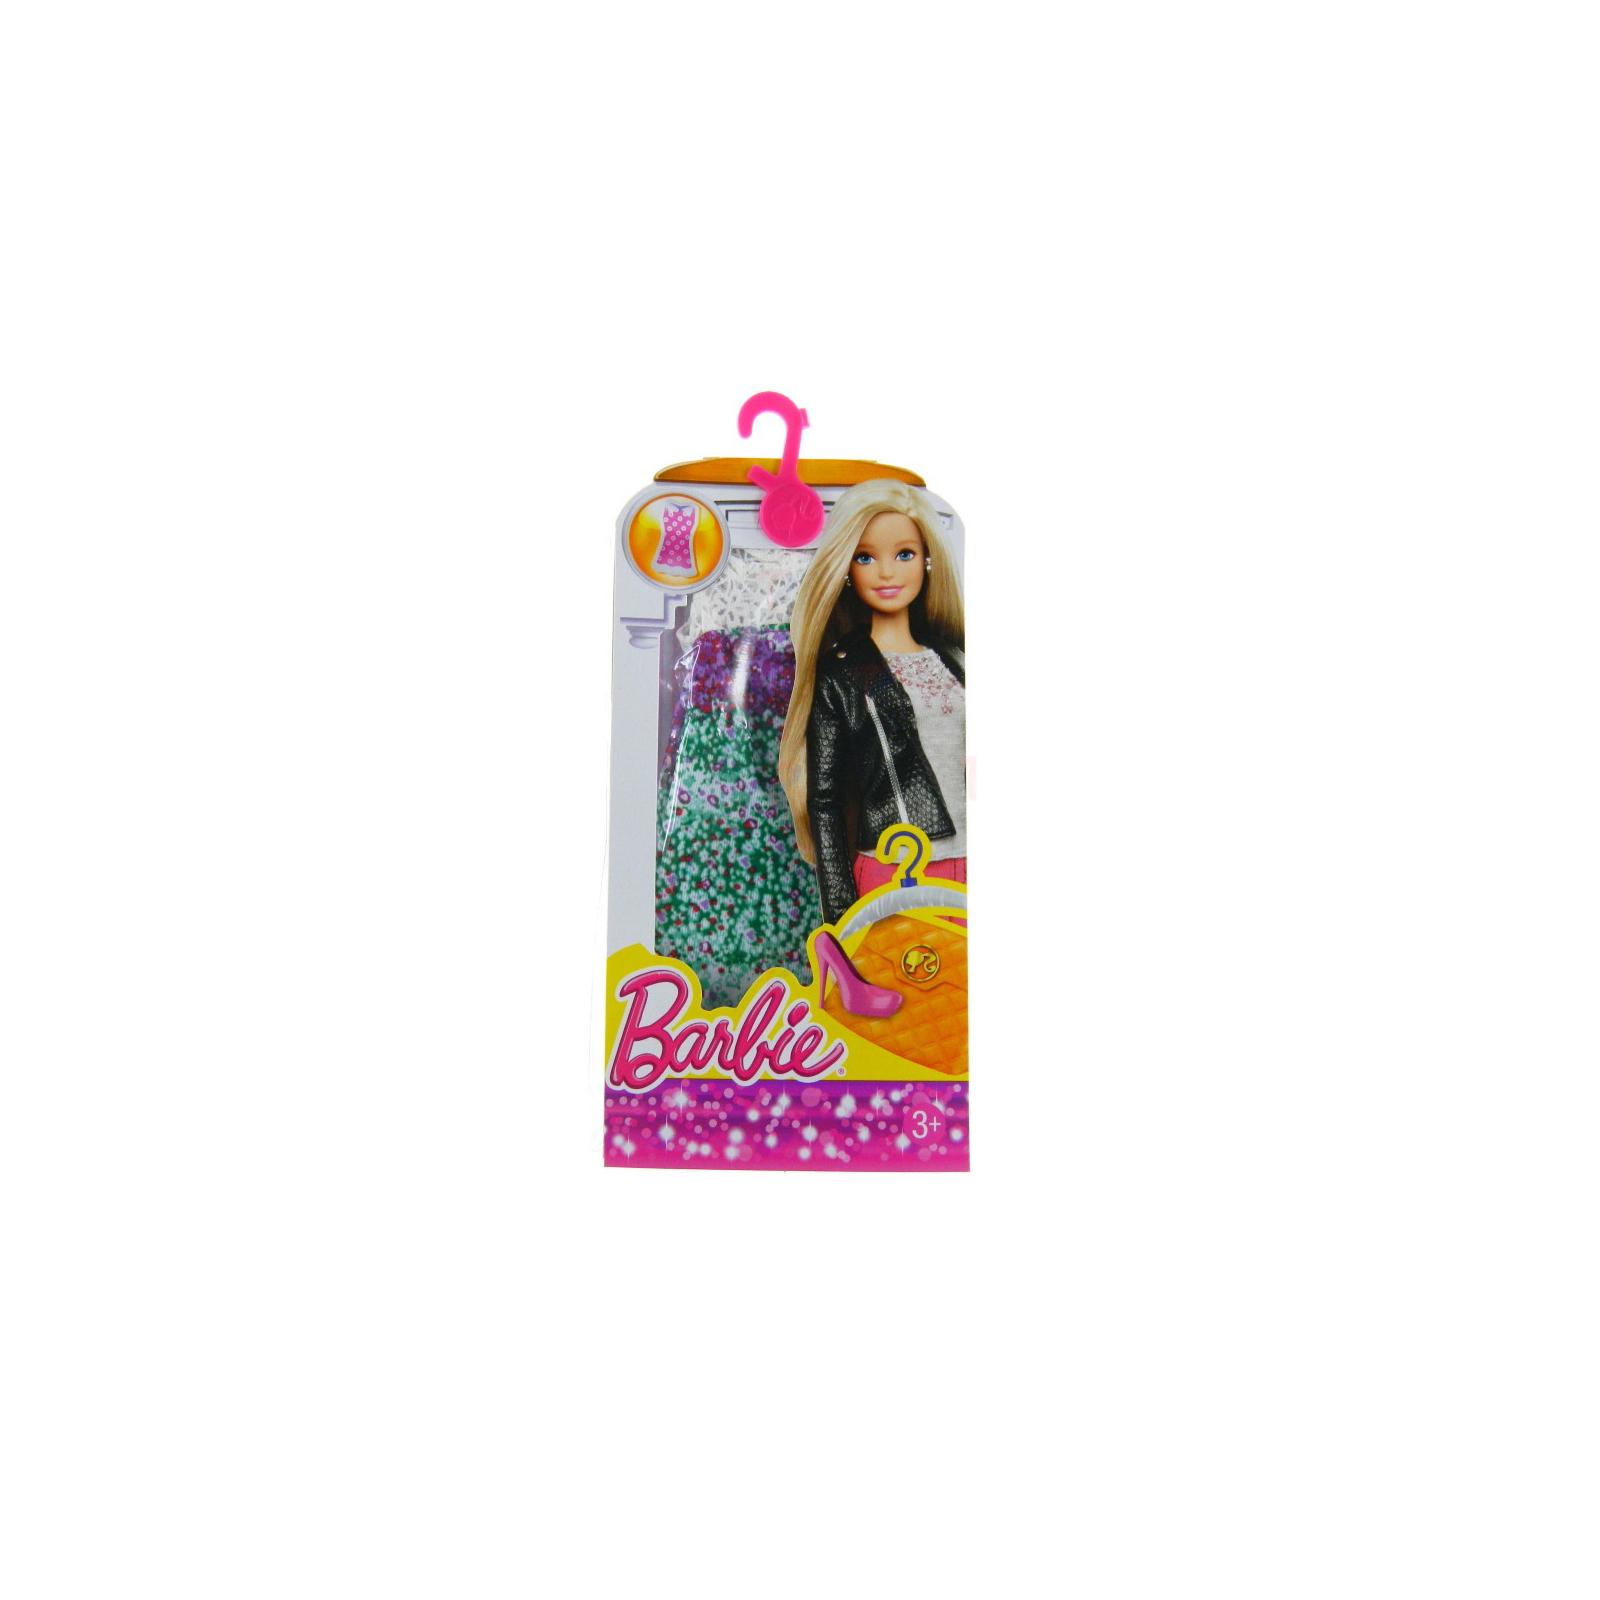 Аксессуар к кукле BARBIE Пестрое платье (CFX65-4) изображение 2